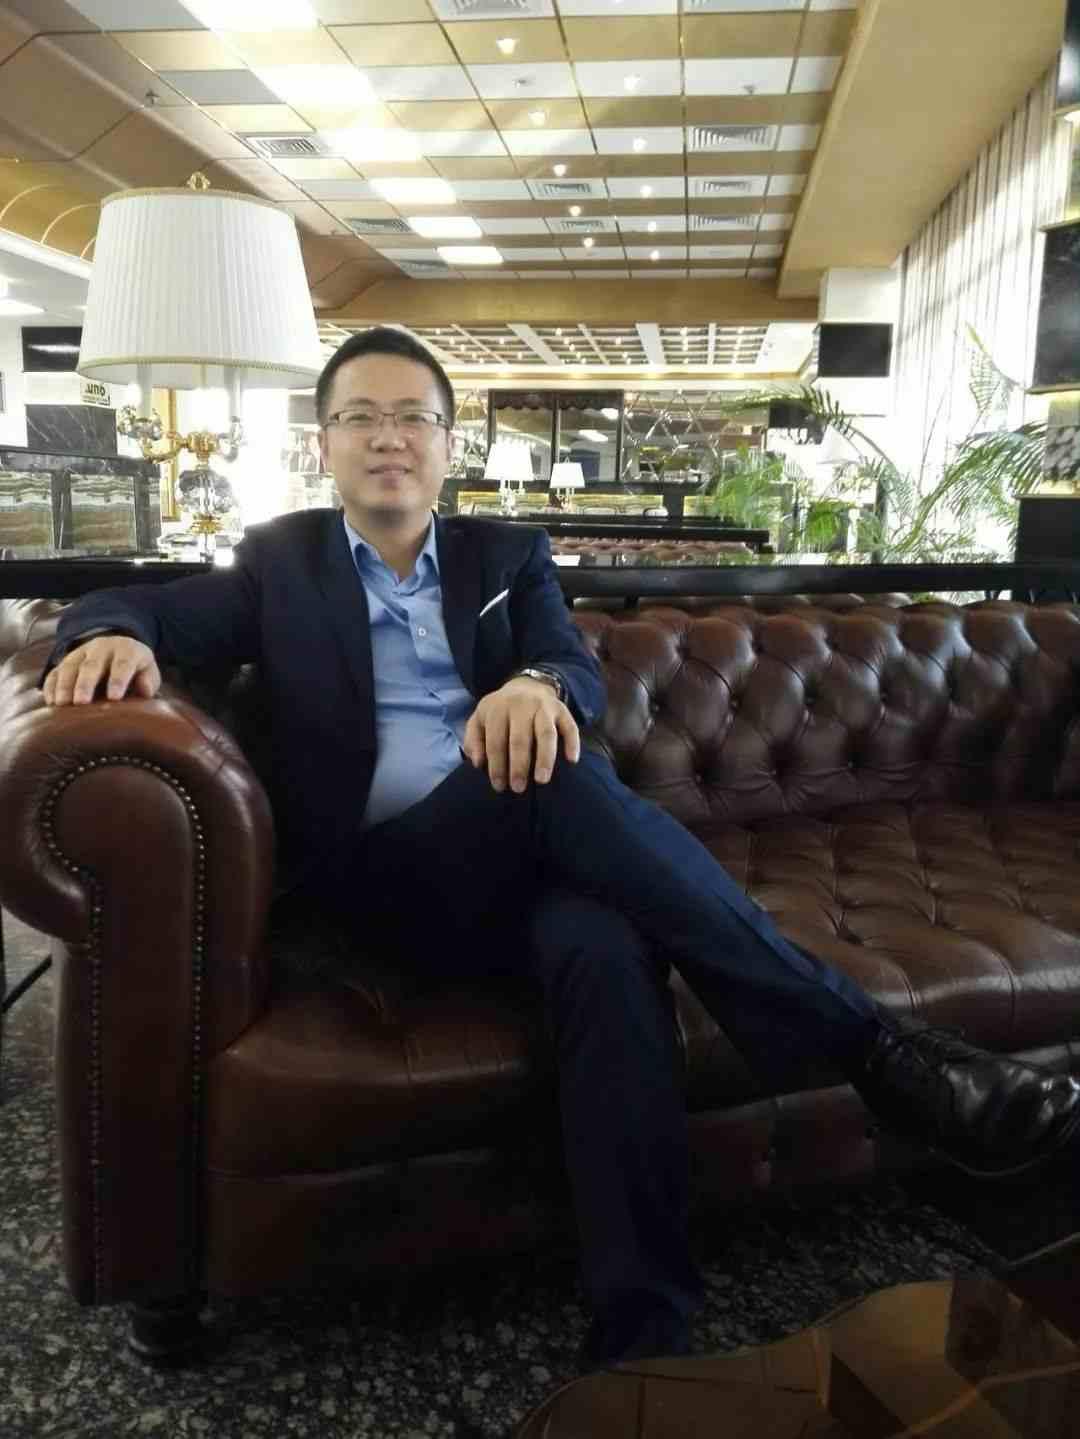 用自己的步调服务好市场 | 专访西安中国国际旅行社集团有限责任公司专项旅游分公司总经理殷自强